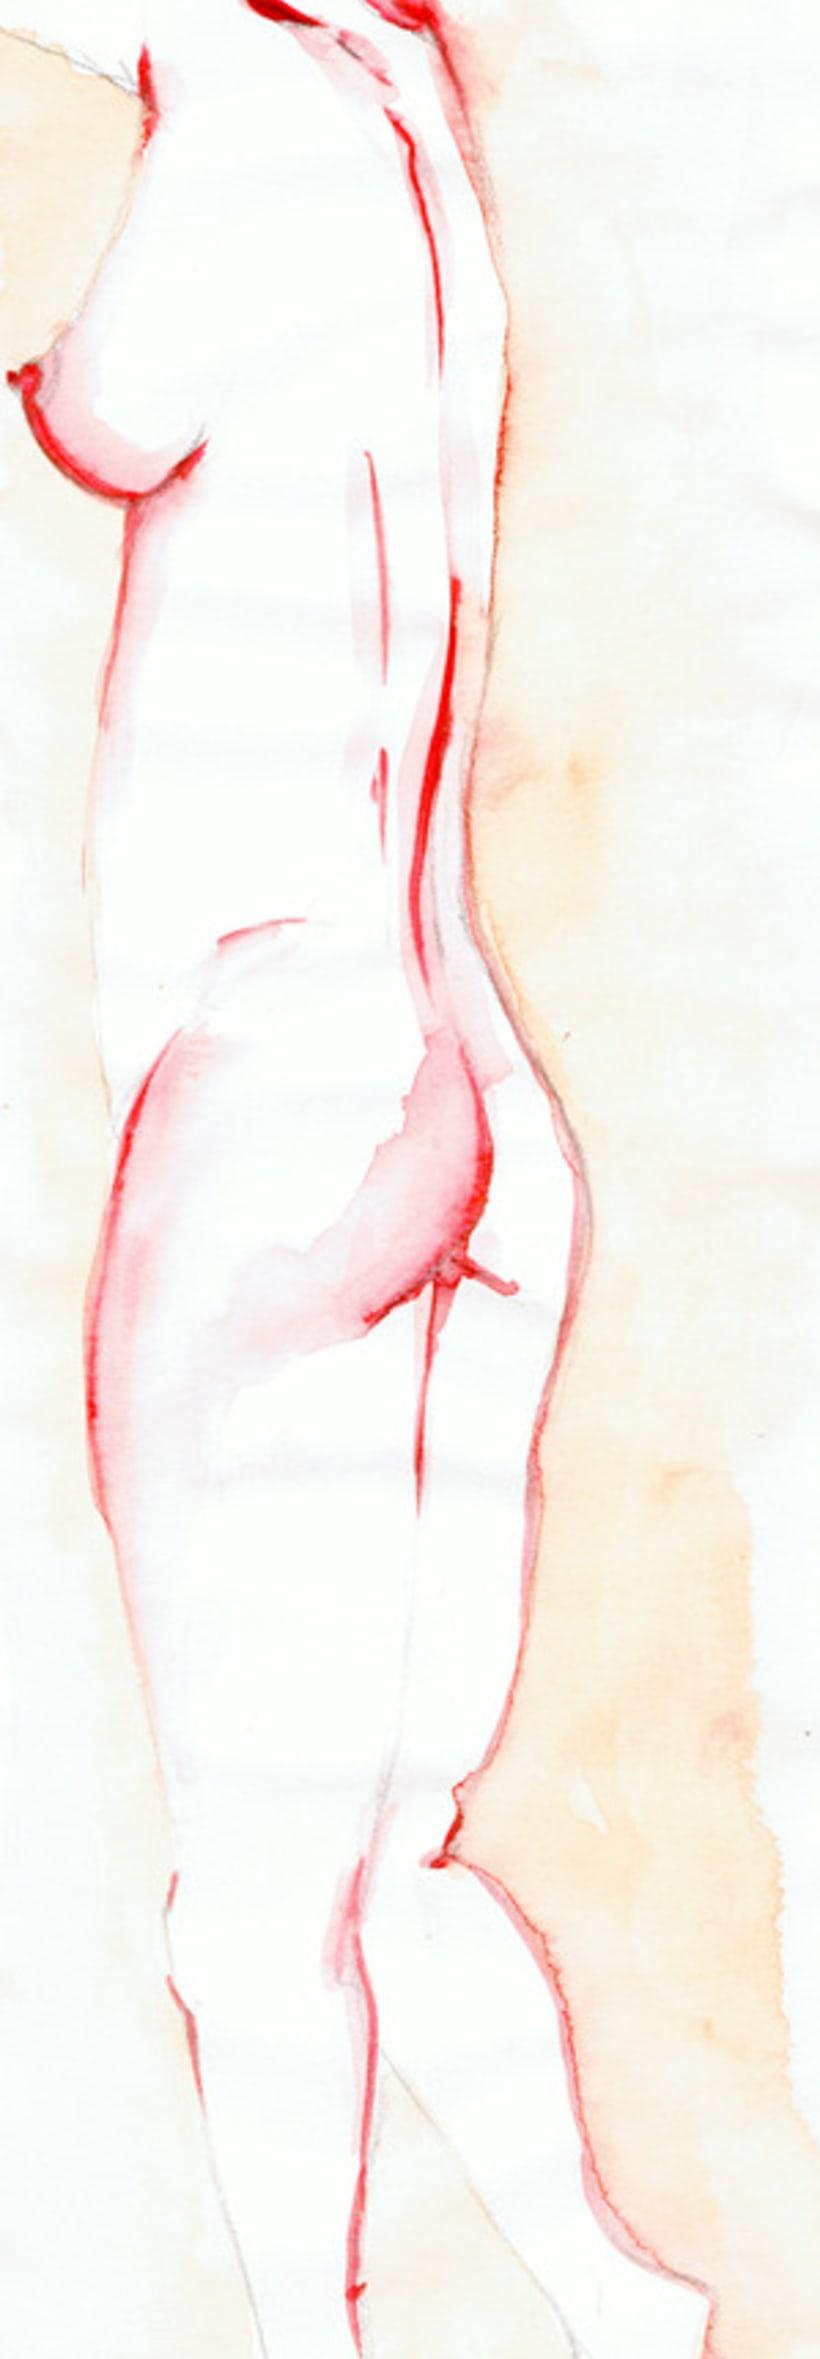 Cos i ànima 7